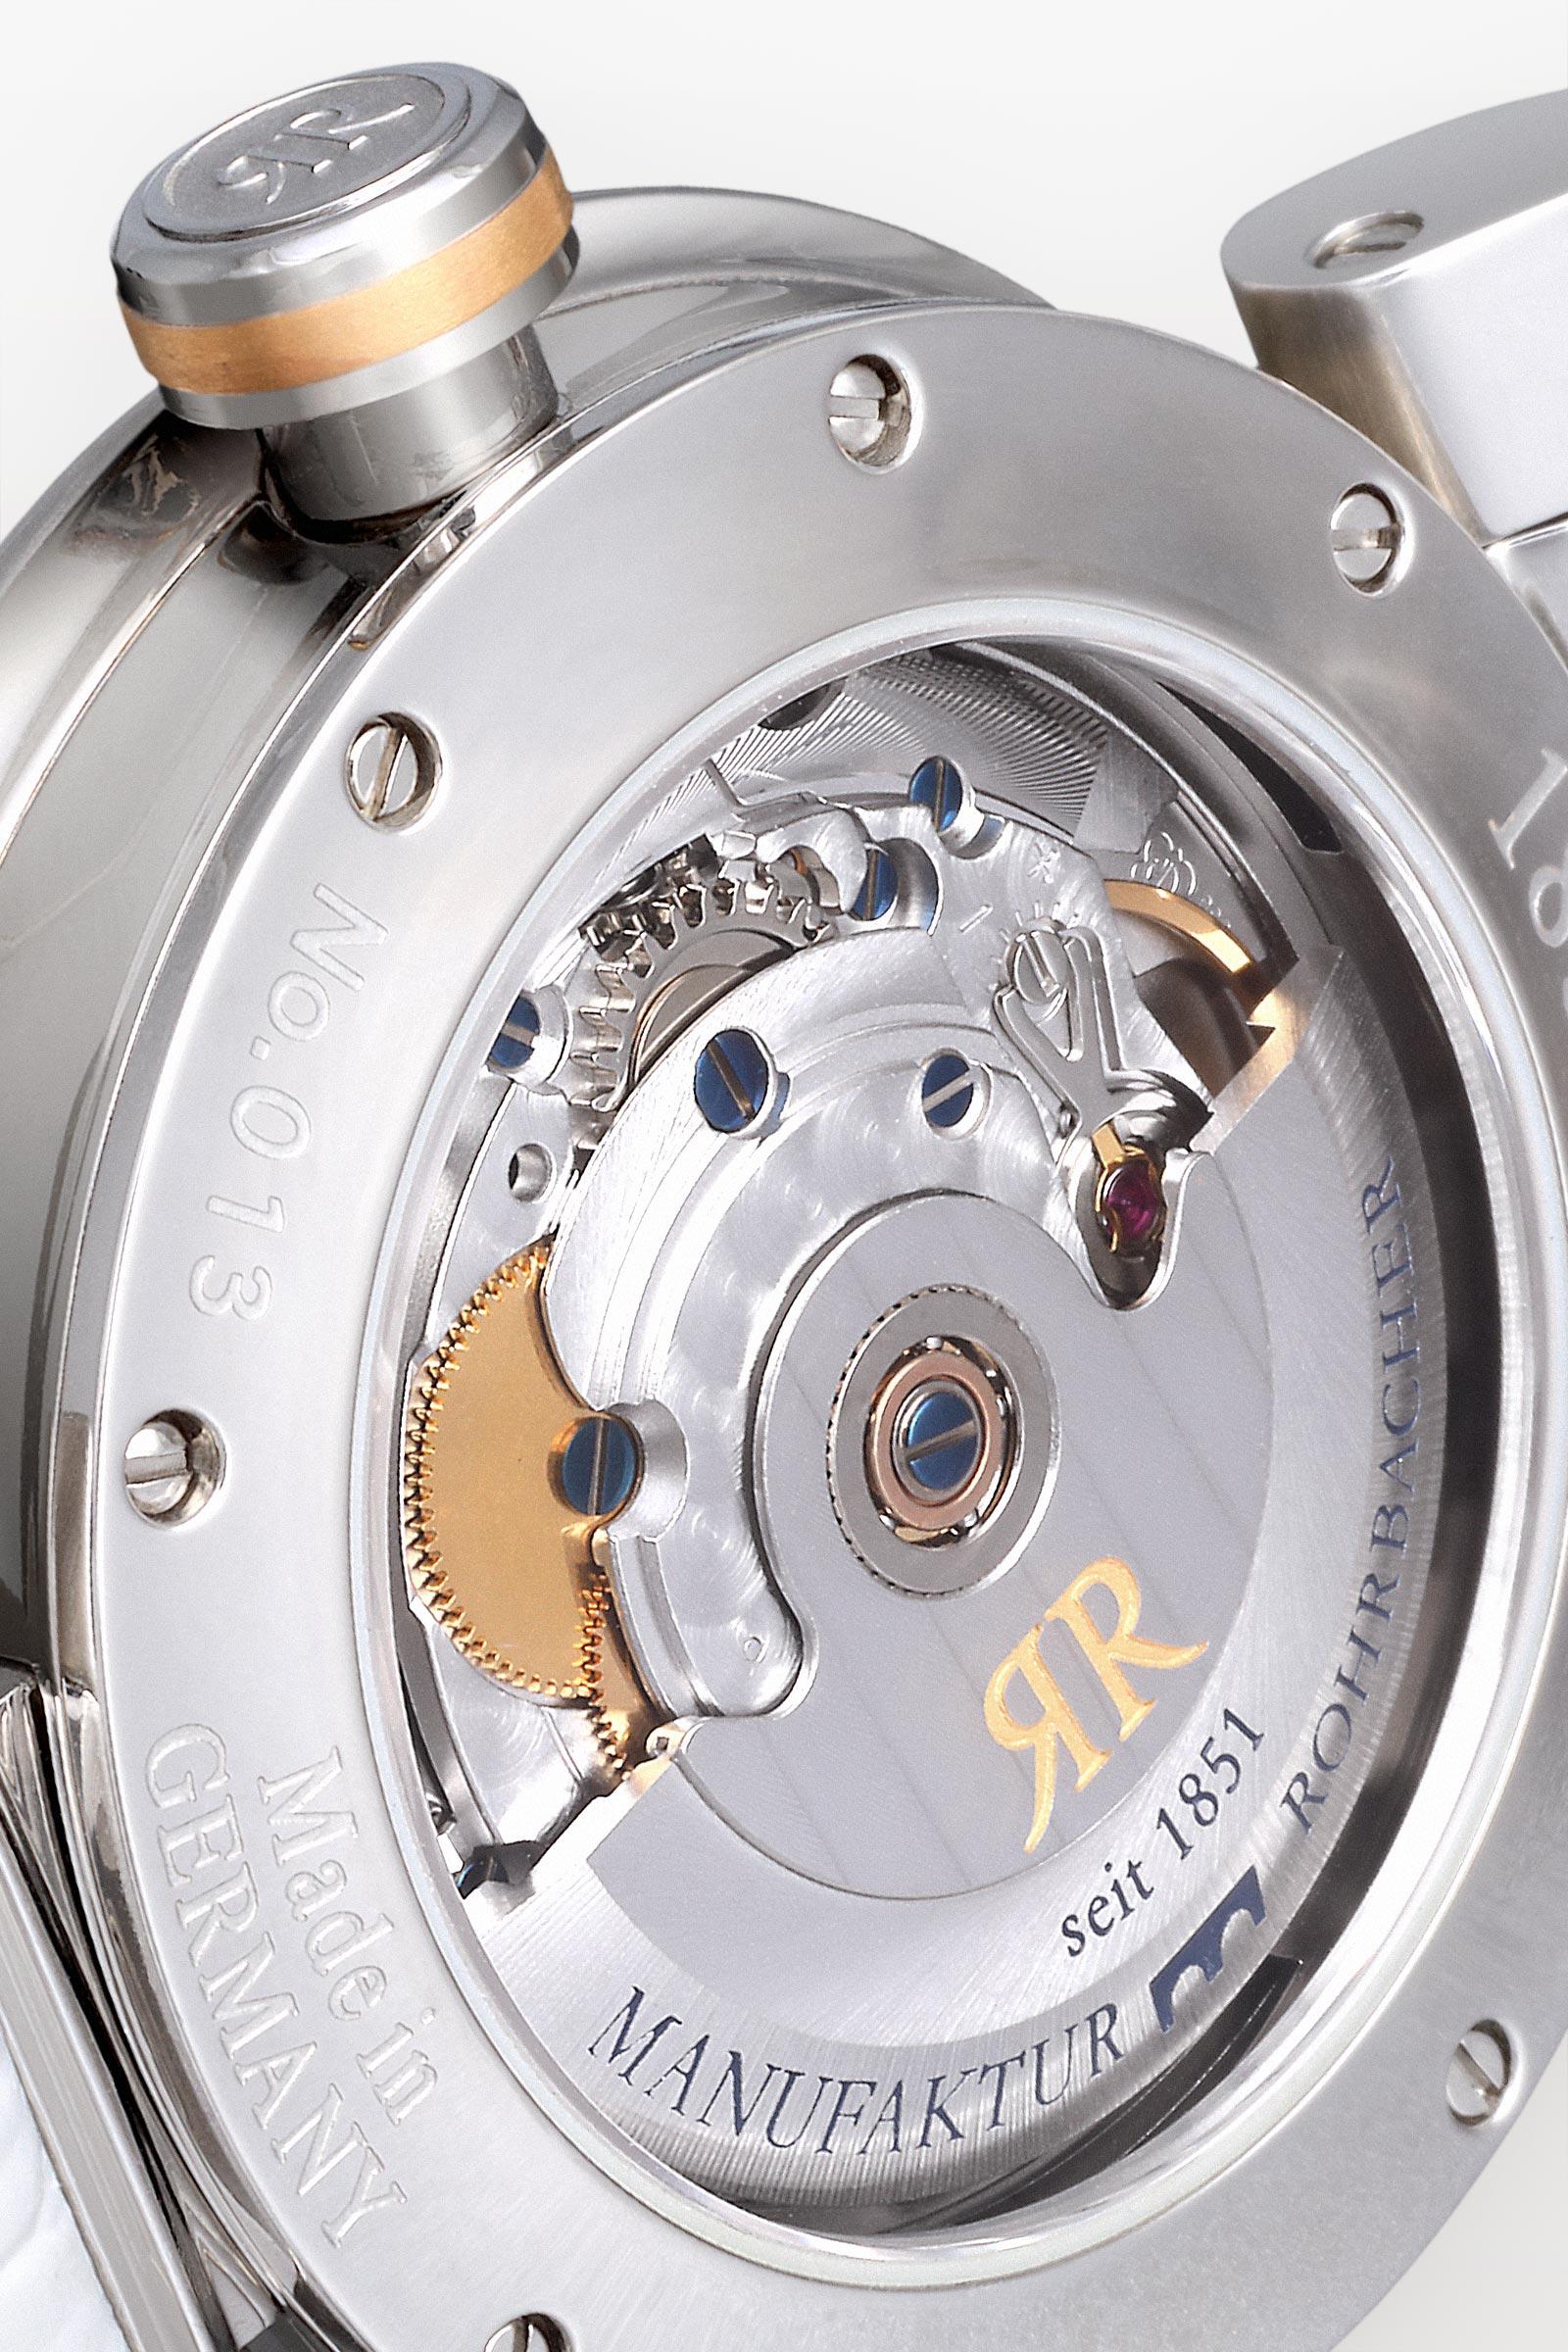 Faszinierend - Präzision (100 Meter wasserdicht) und die Liebe zum Detail. Der mehrfach verschraubte Saphirglas-Boden erlaubt faszinierende Einsicht in das mechanische Uhrwerk Kaliber ROTA (von ROhrbacher und eTA), welches diese mechanische, chronometerfähige Dreizeigeruhr mit automatischem Aufzug antreibt.